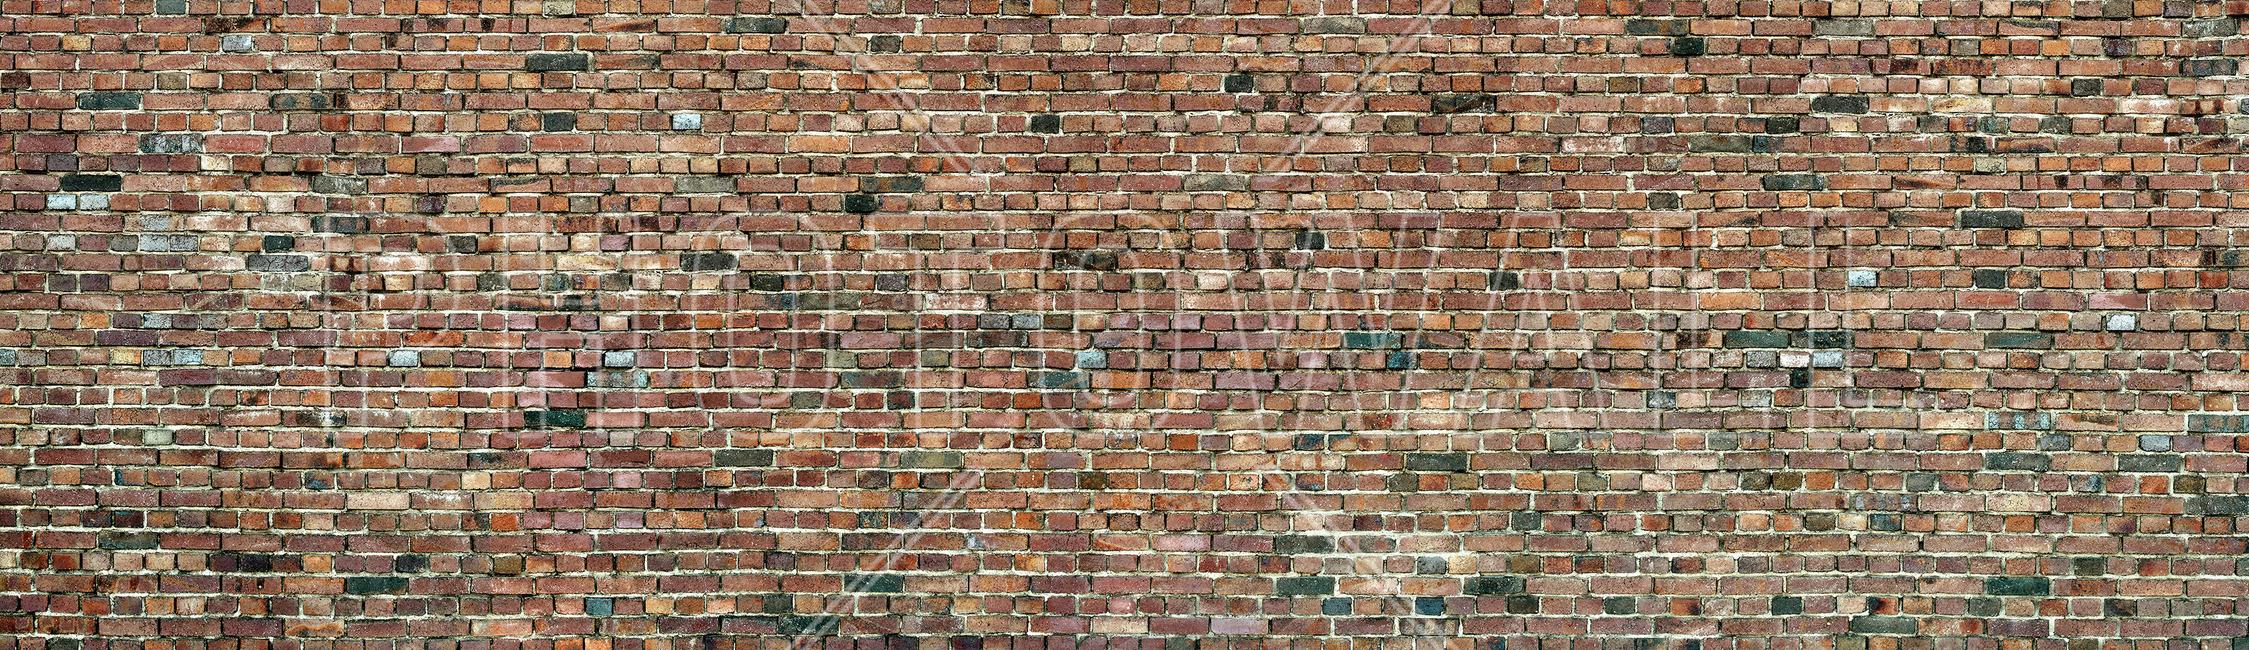 Stockholm Brick Wall Fototapeter & Tapeter 100 x 100 cm